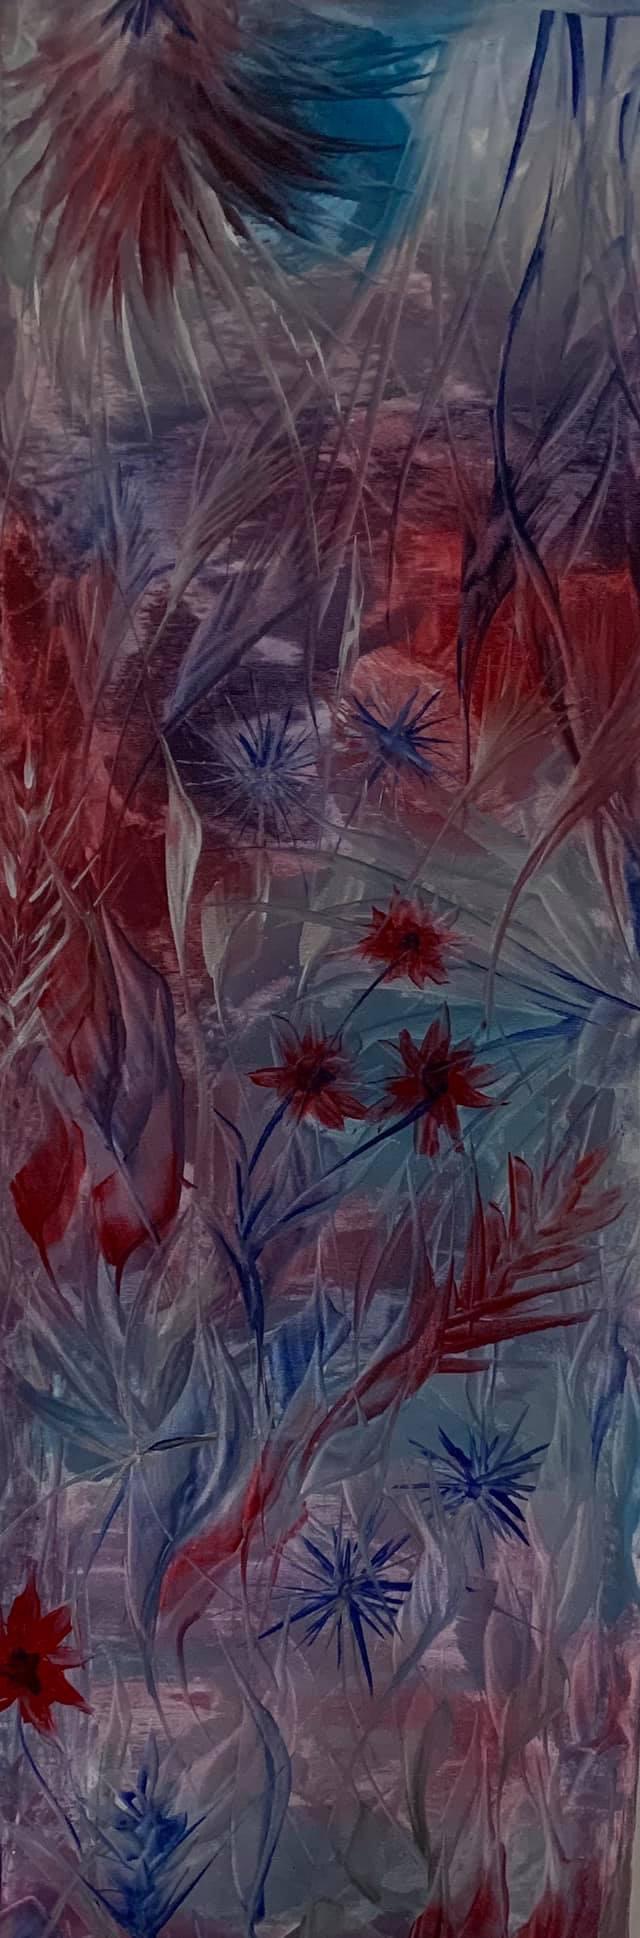 Florales_3 40x120